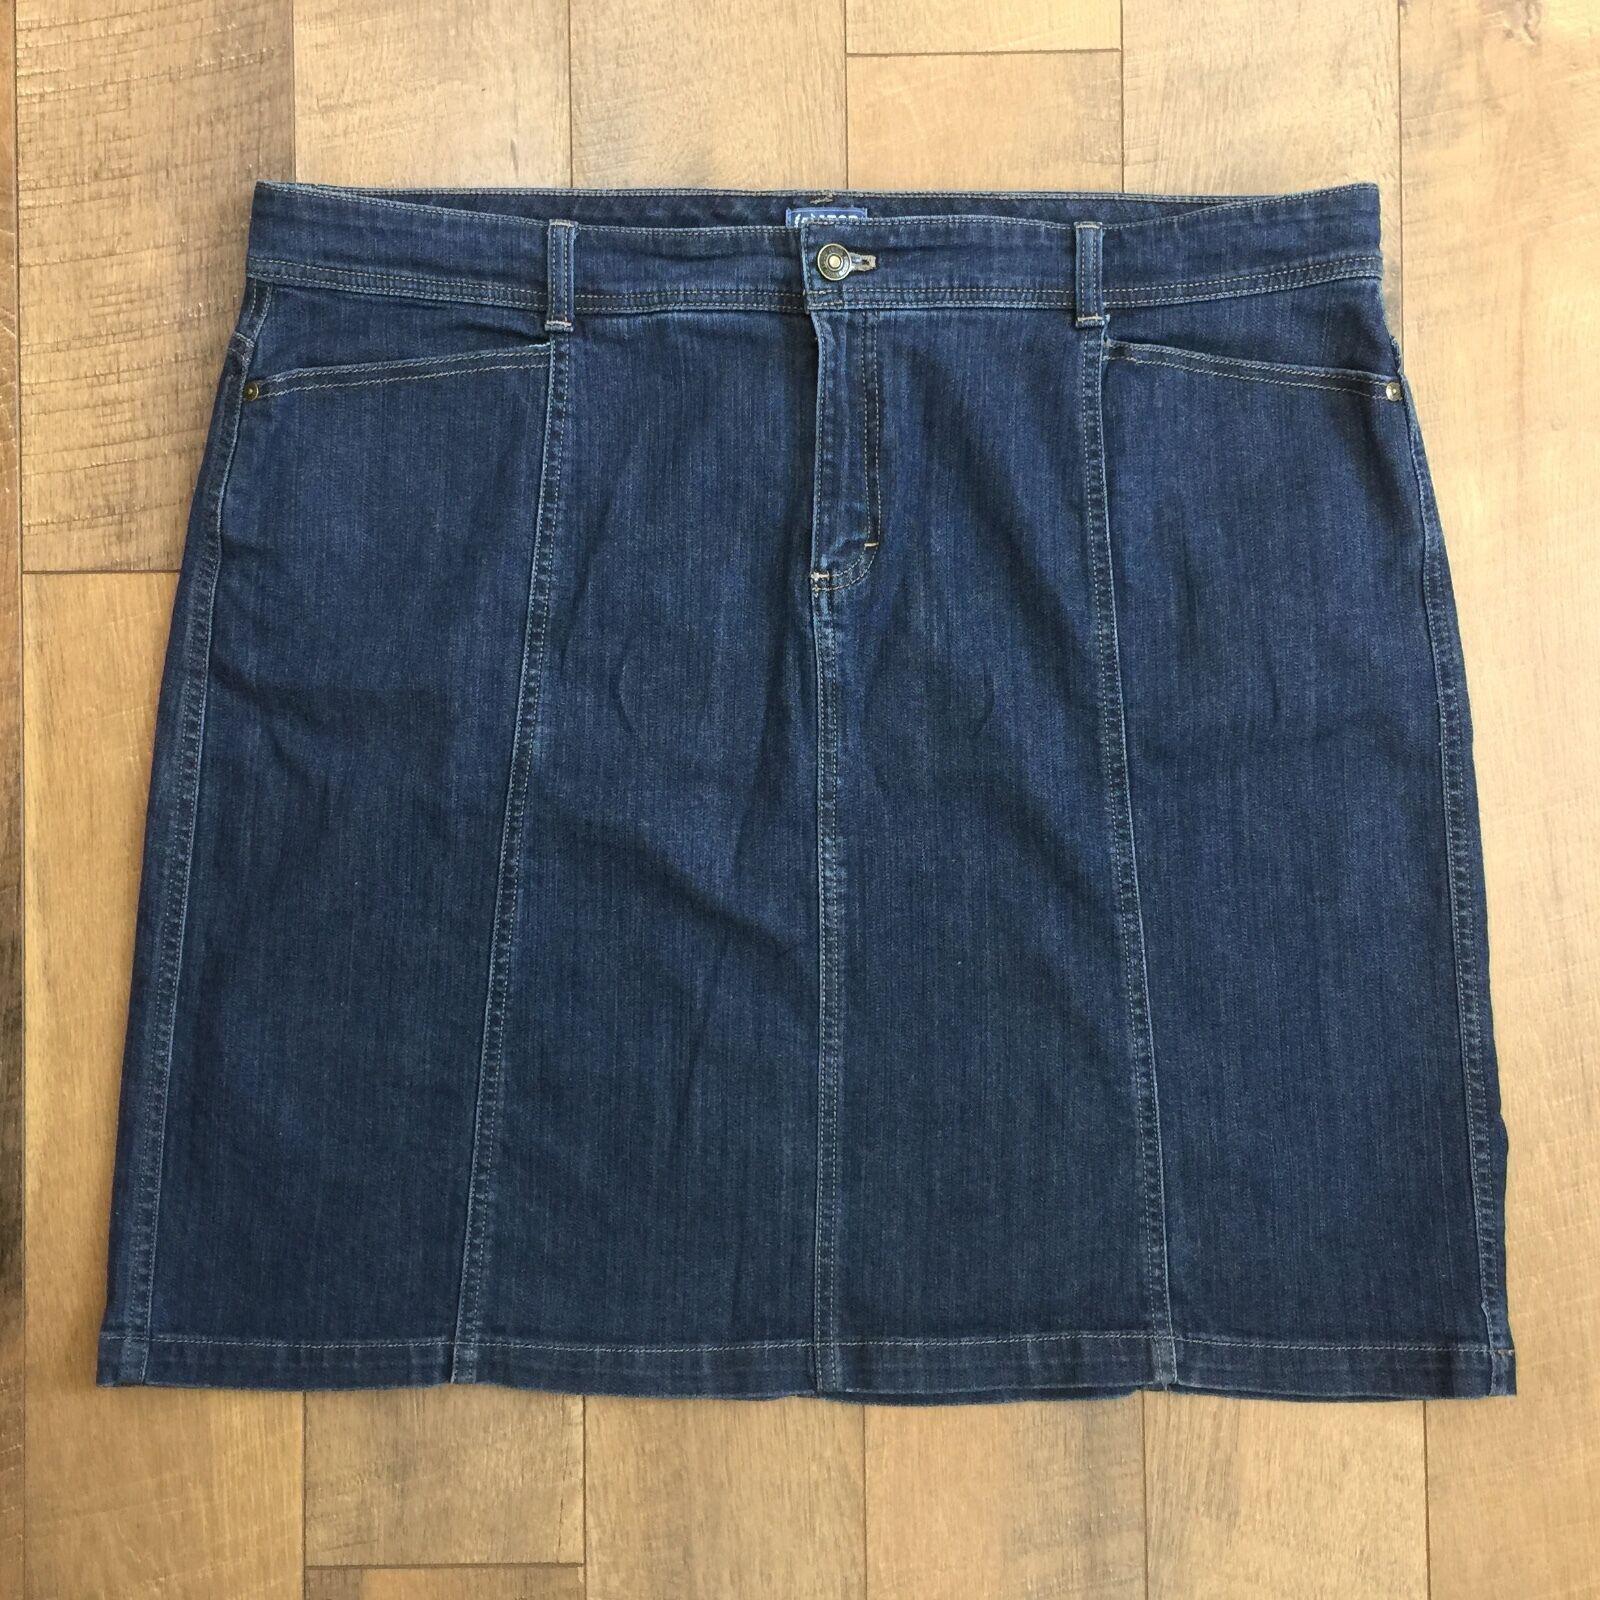 IZOD bluee Stretch Denim Skirt Comfortable Cool Worn Twice No Slit Womens Sz 20W